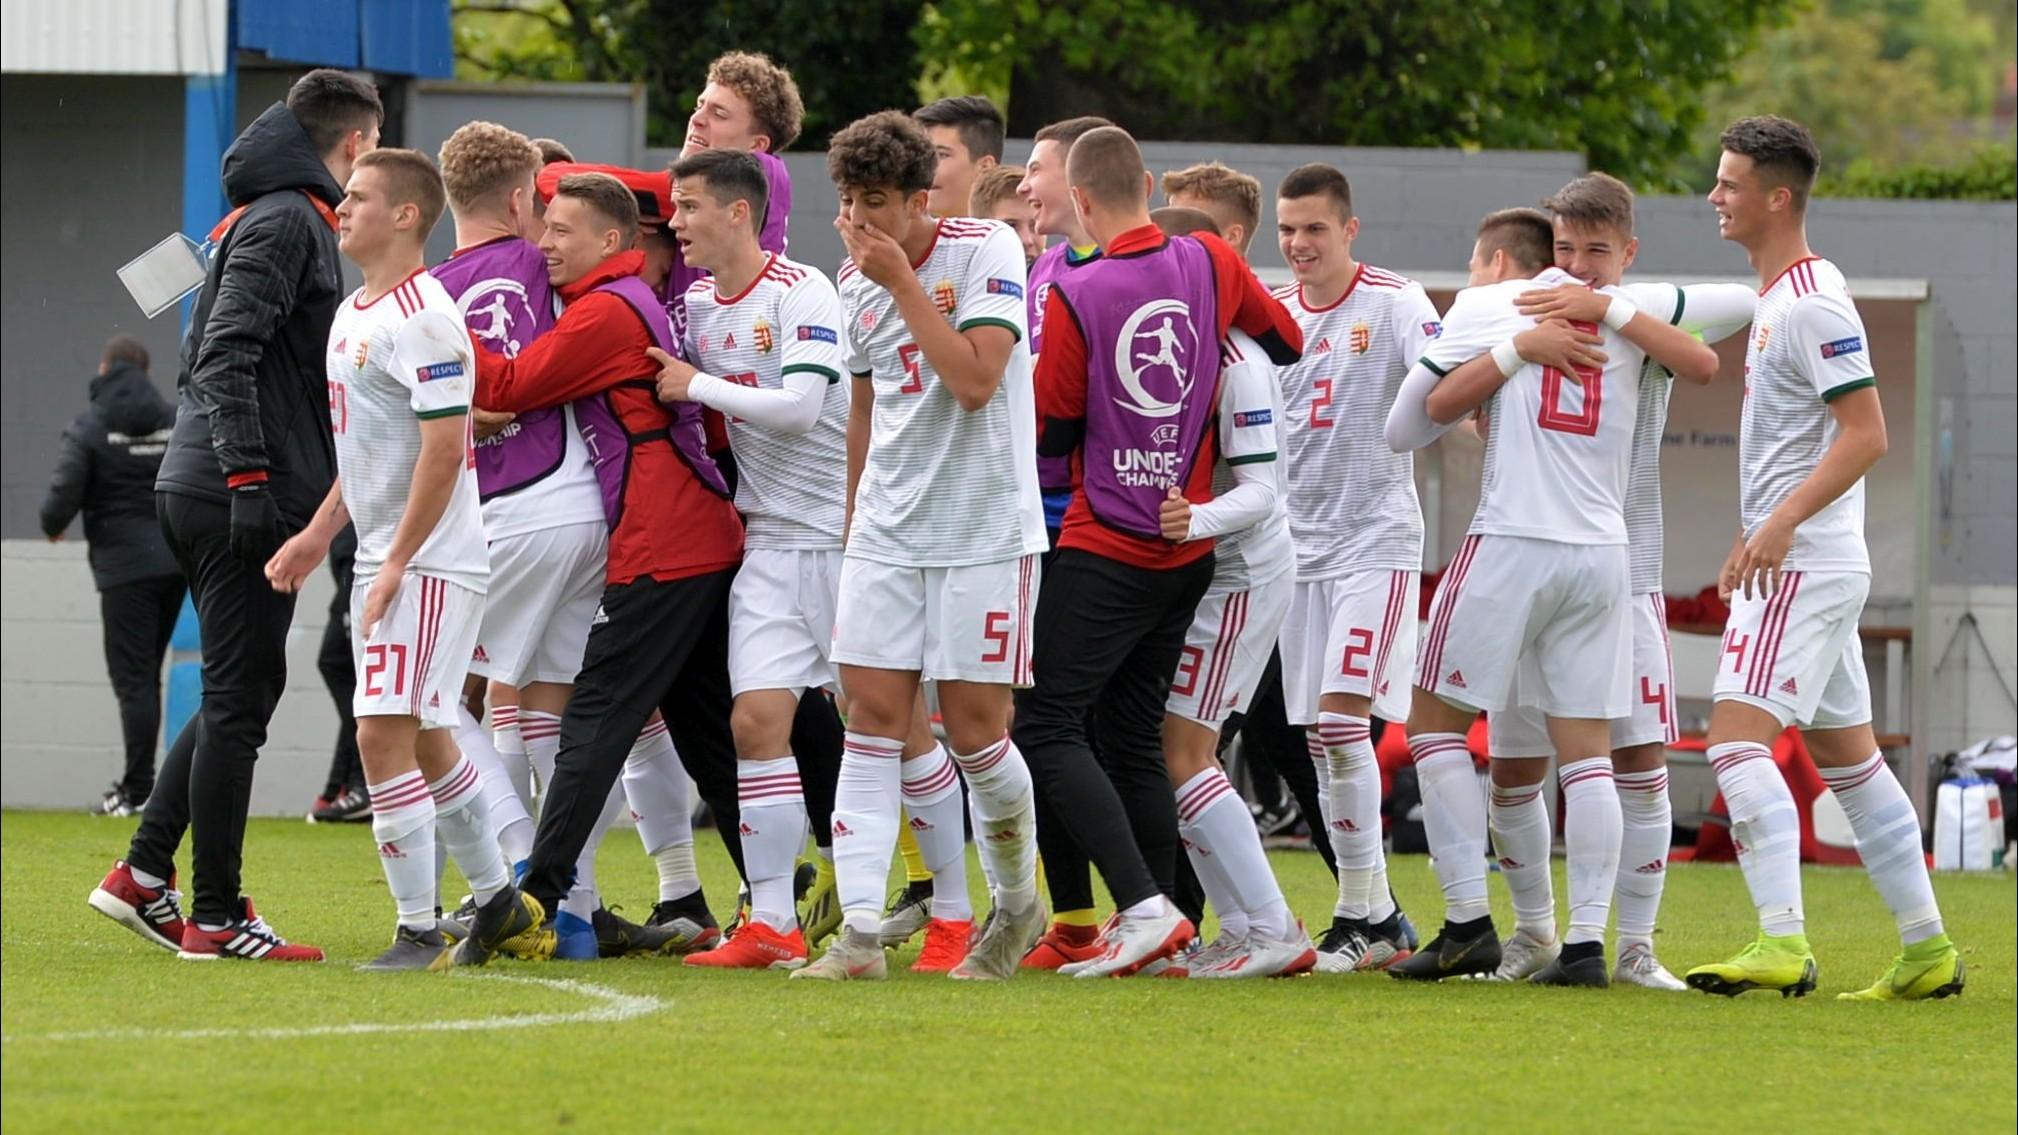 U17-es labdarúgó Eb - Második mérkőzését is megnyerte és negyeddöntős a magyar válogatott